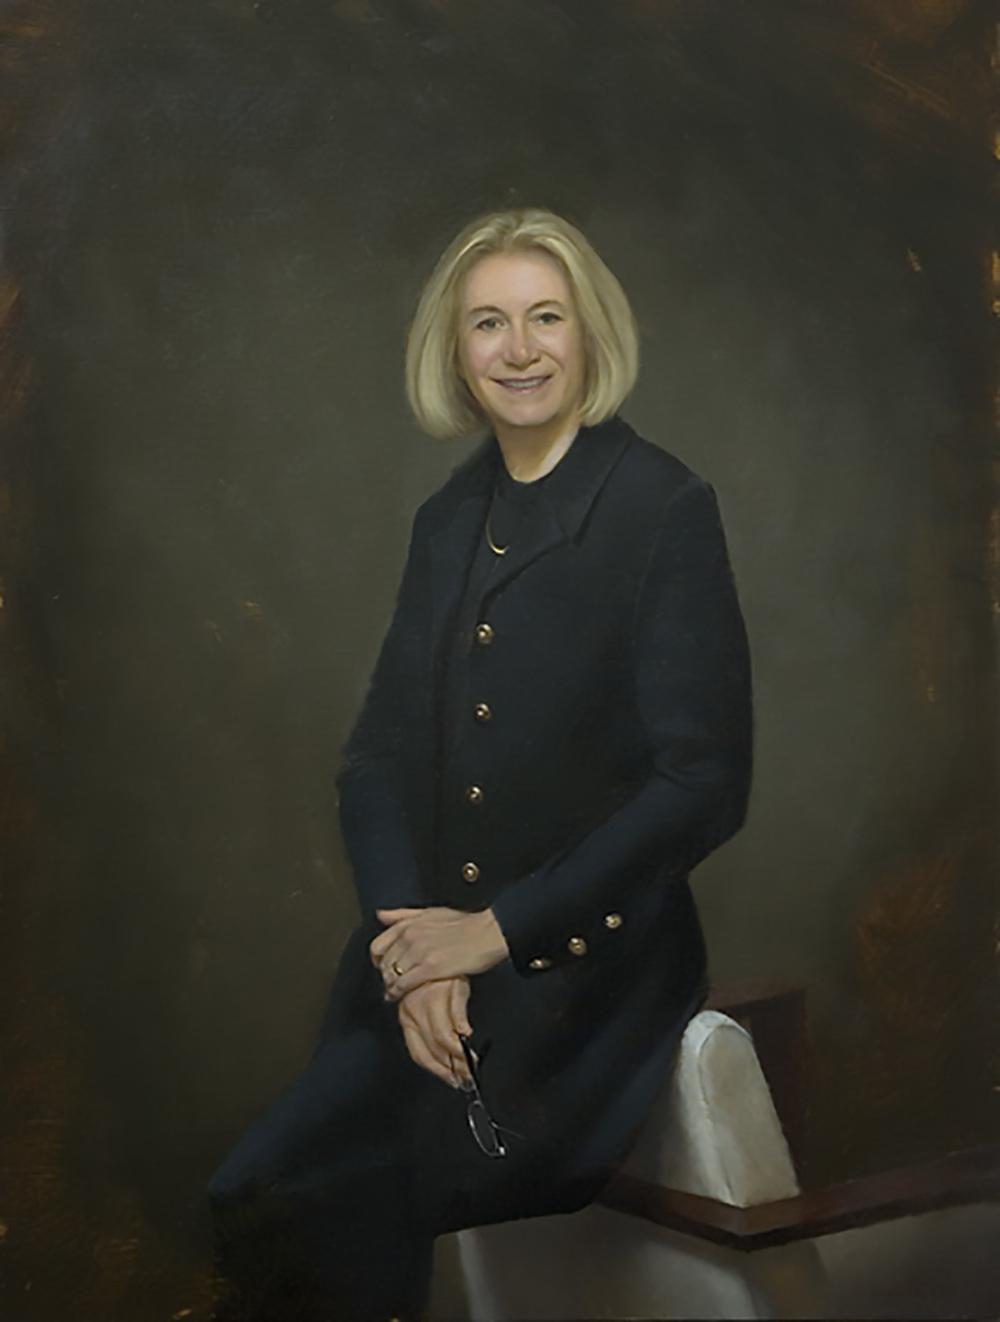 Susan Thistlethwaite